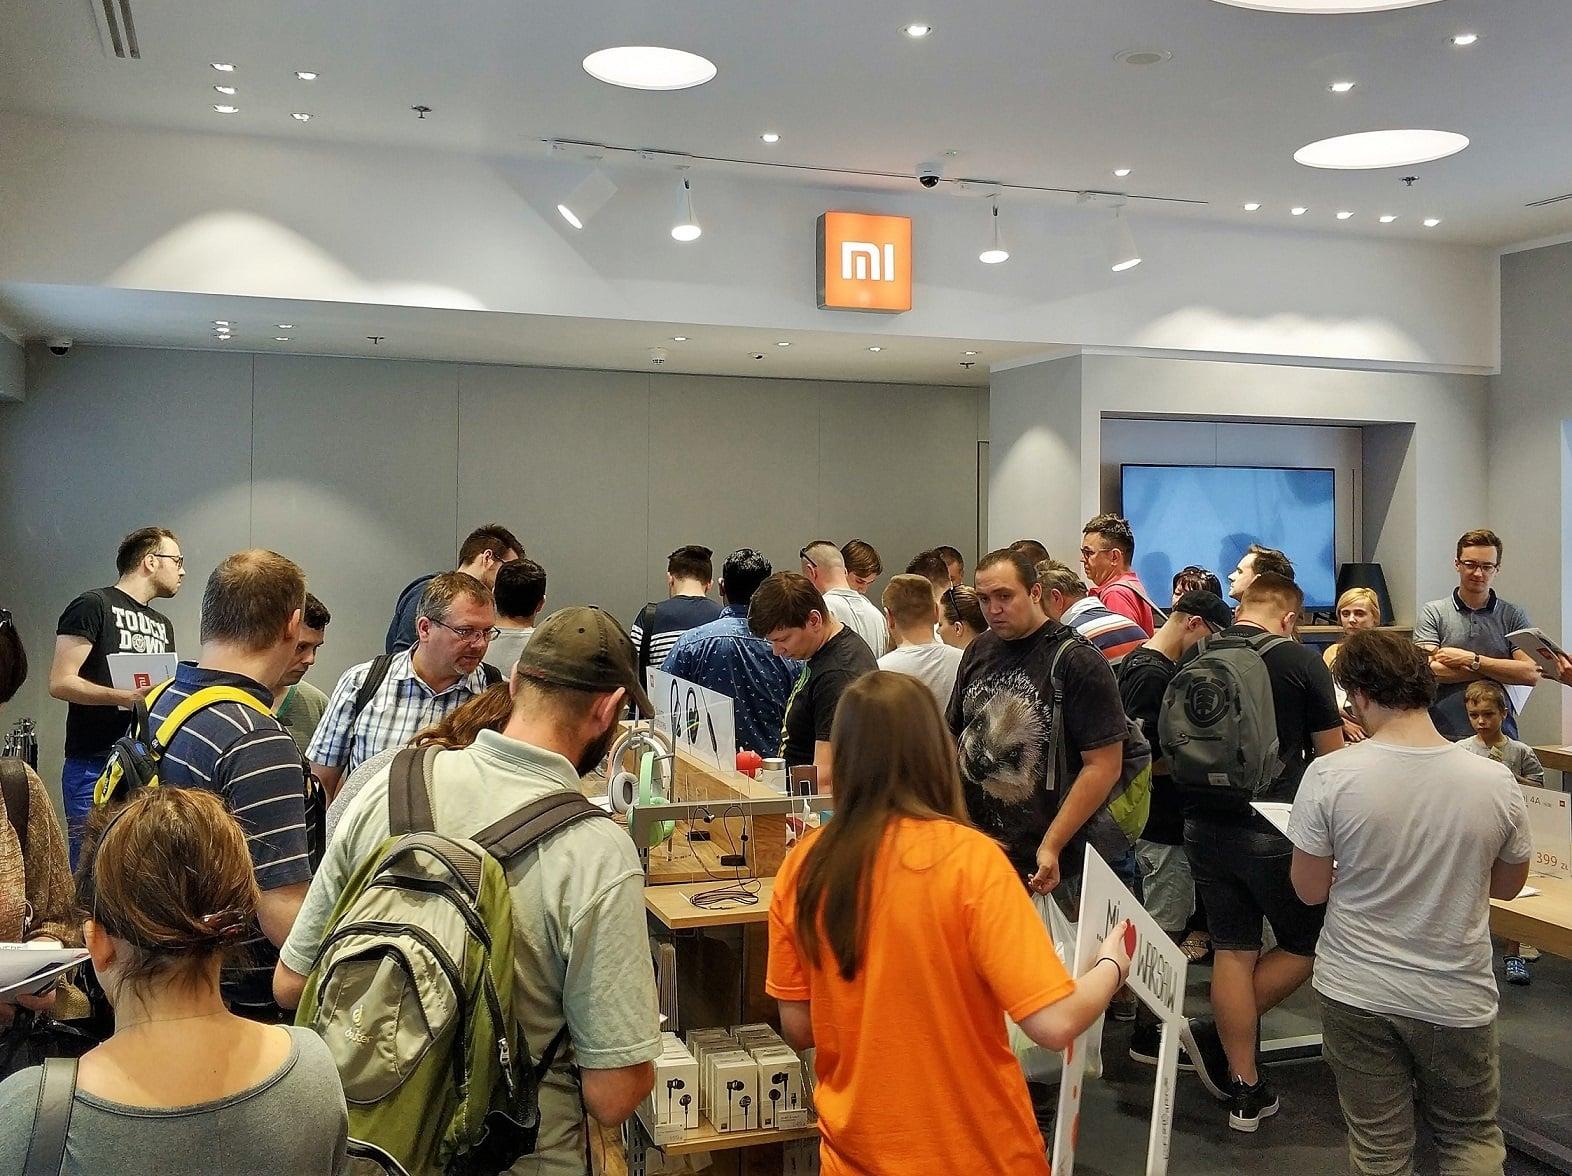 Tabletowo.pl Sklep Xiaomi Mi Store w warszawskiej Arkadii w dniu otwarcia odwiedziło niemalże 2800 osób! Raporty/Statystyki Xiaomi